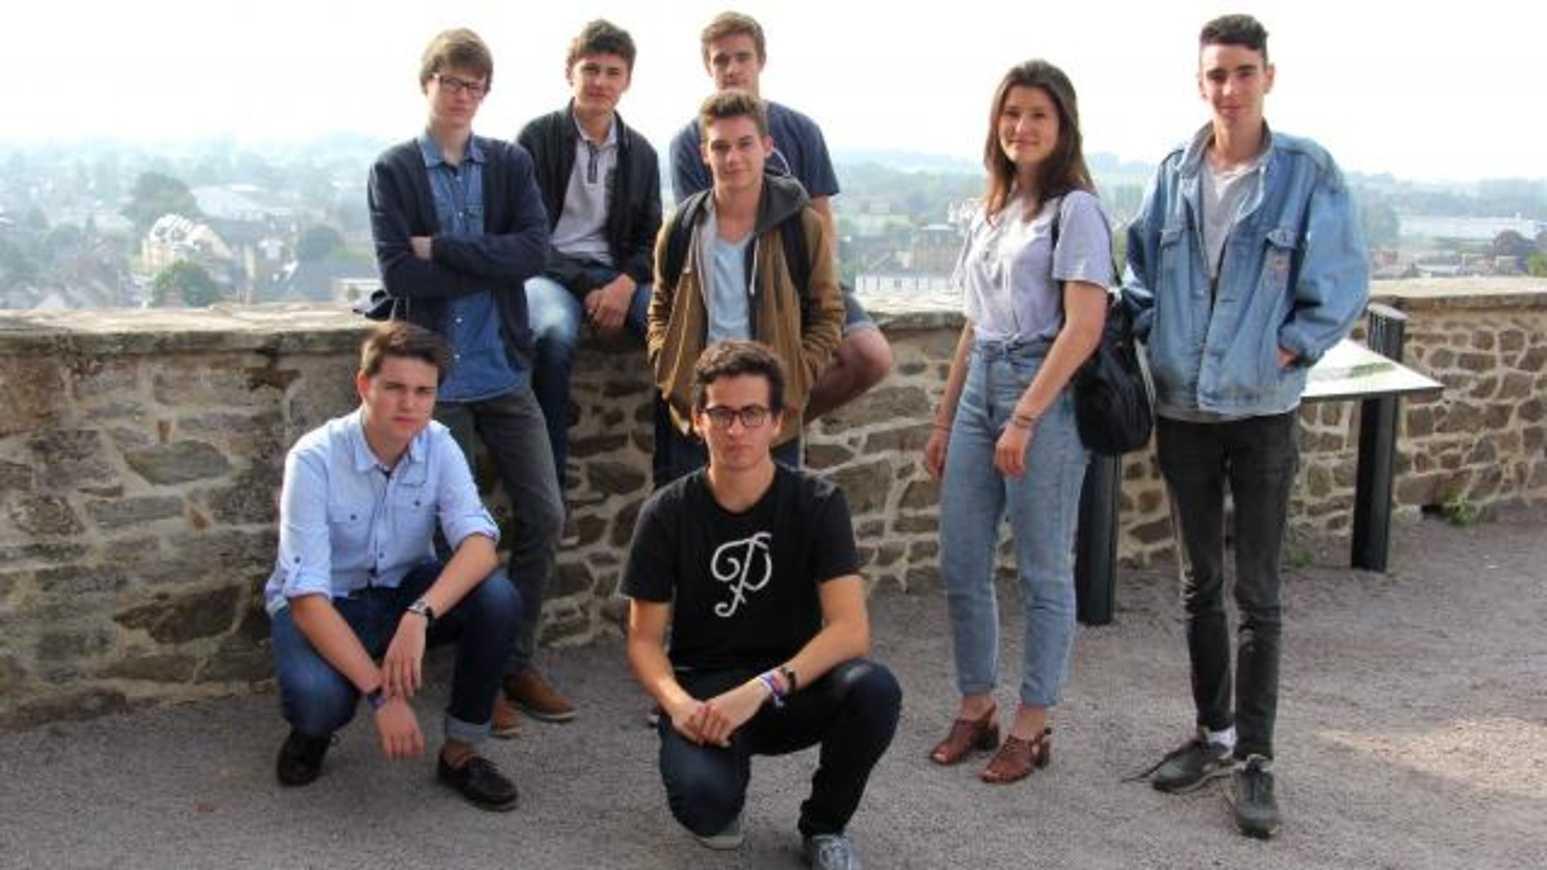 Nouveau festival à Lamballe. Un groupe de jeunes saute le pas musical ! (OF) 0